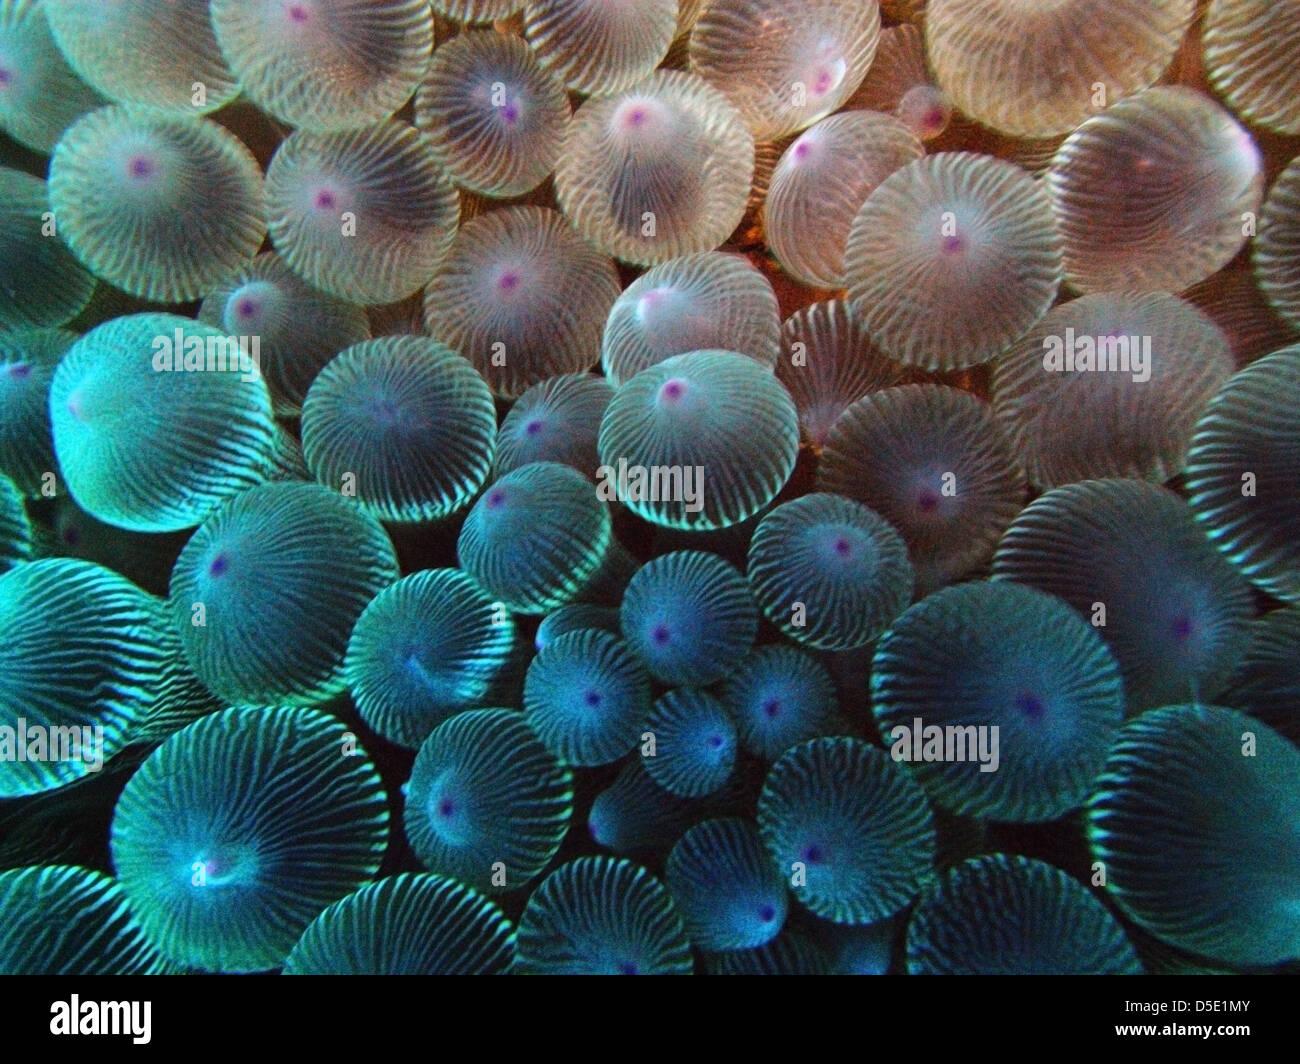 Detalle de la anémona de tentáculos, Islas del Almirantazgo, el Parque Marino de la isla de Lord Howe, Imagen De Stock